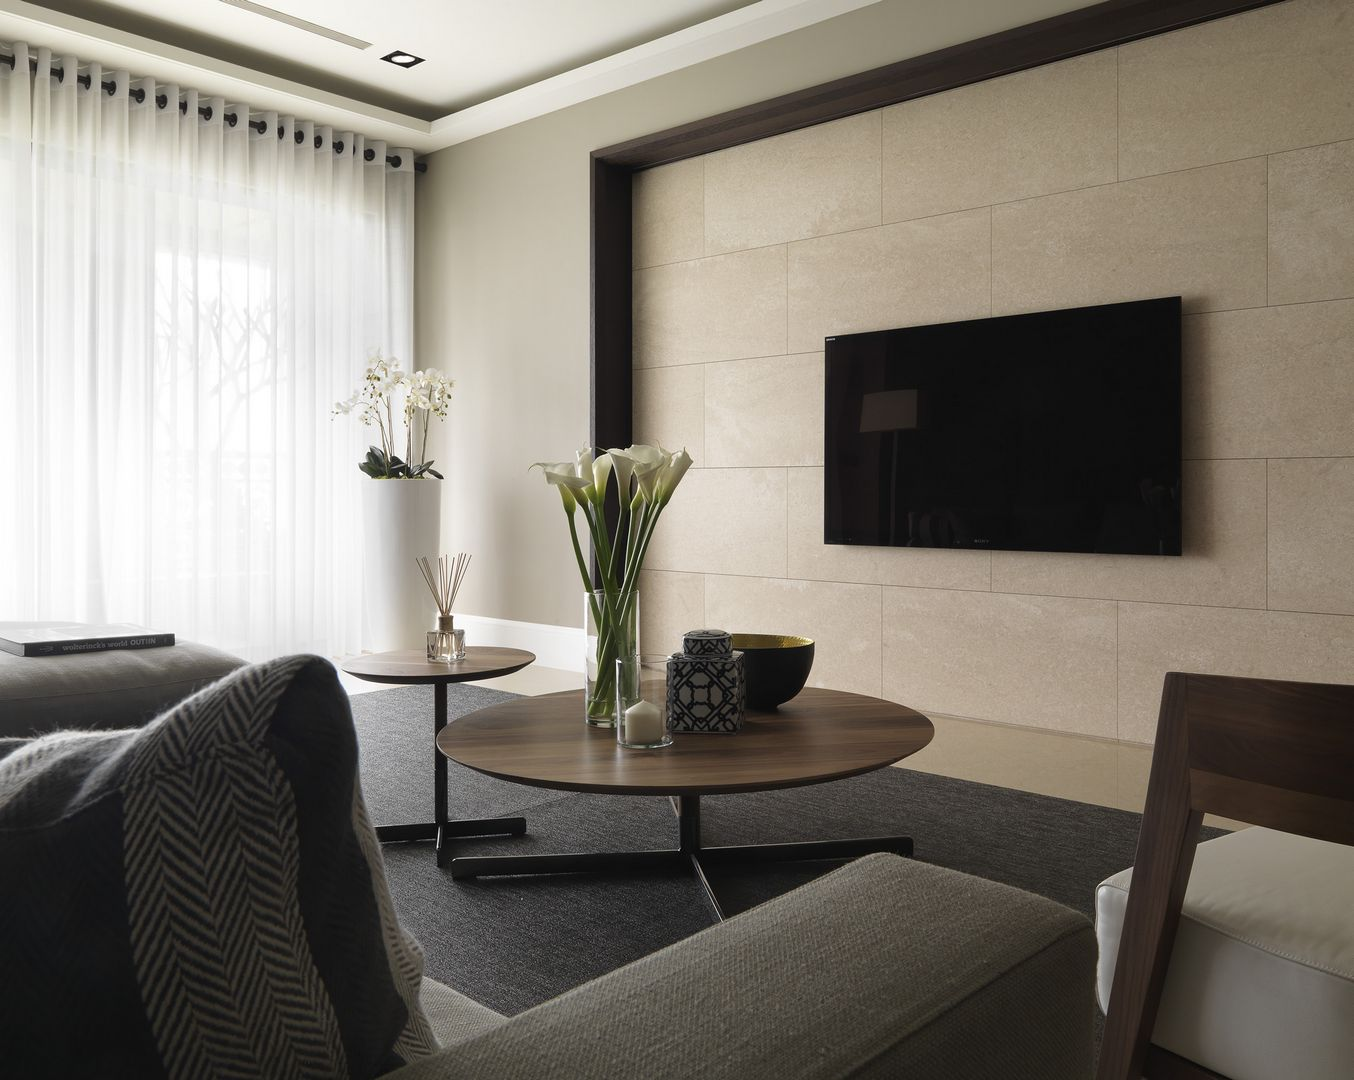 110㎡简约现代电视背景墙装修效果图